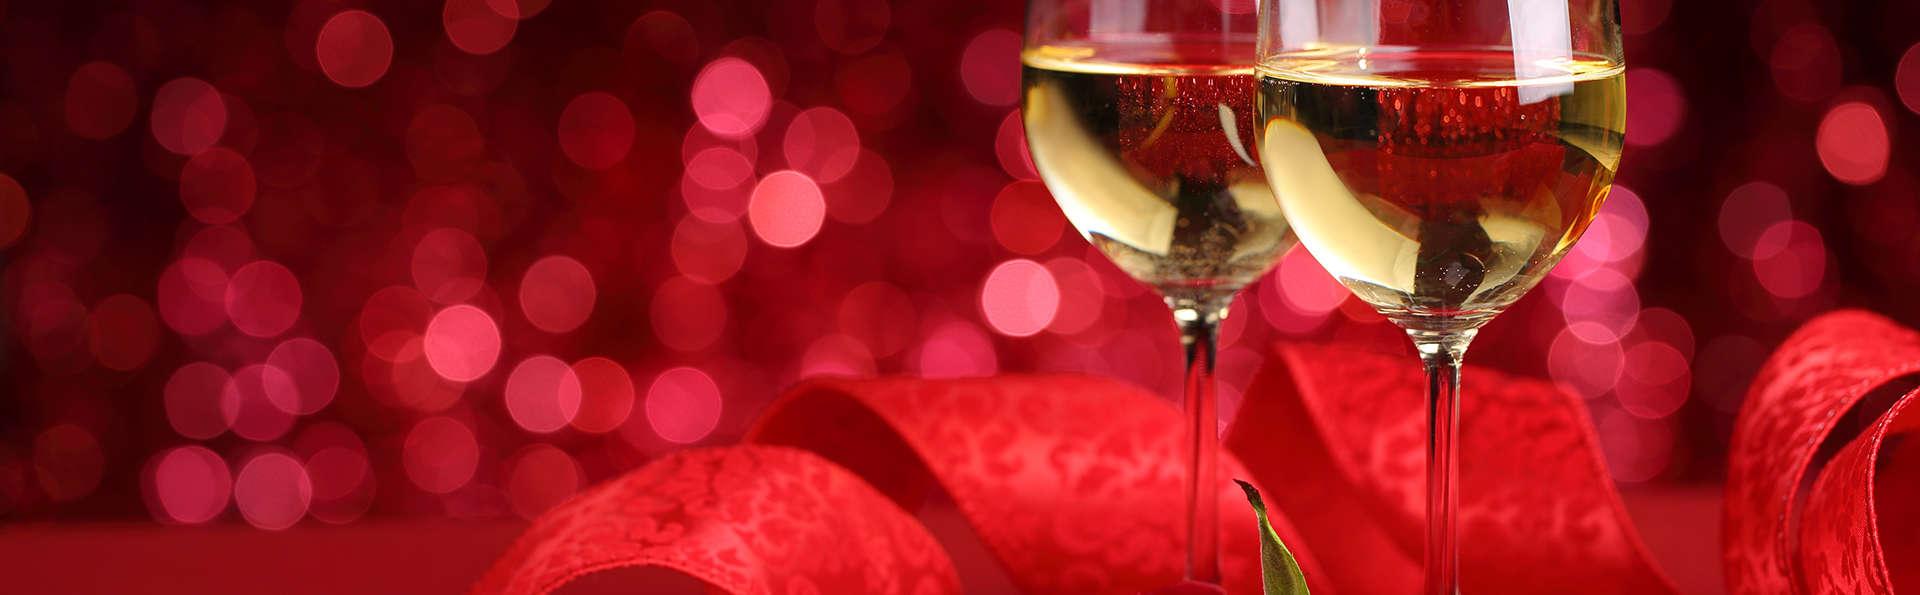 Coup de coeur à Luxembourg : diner romantique et spa pour se retrouver en amoureux